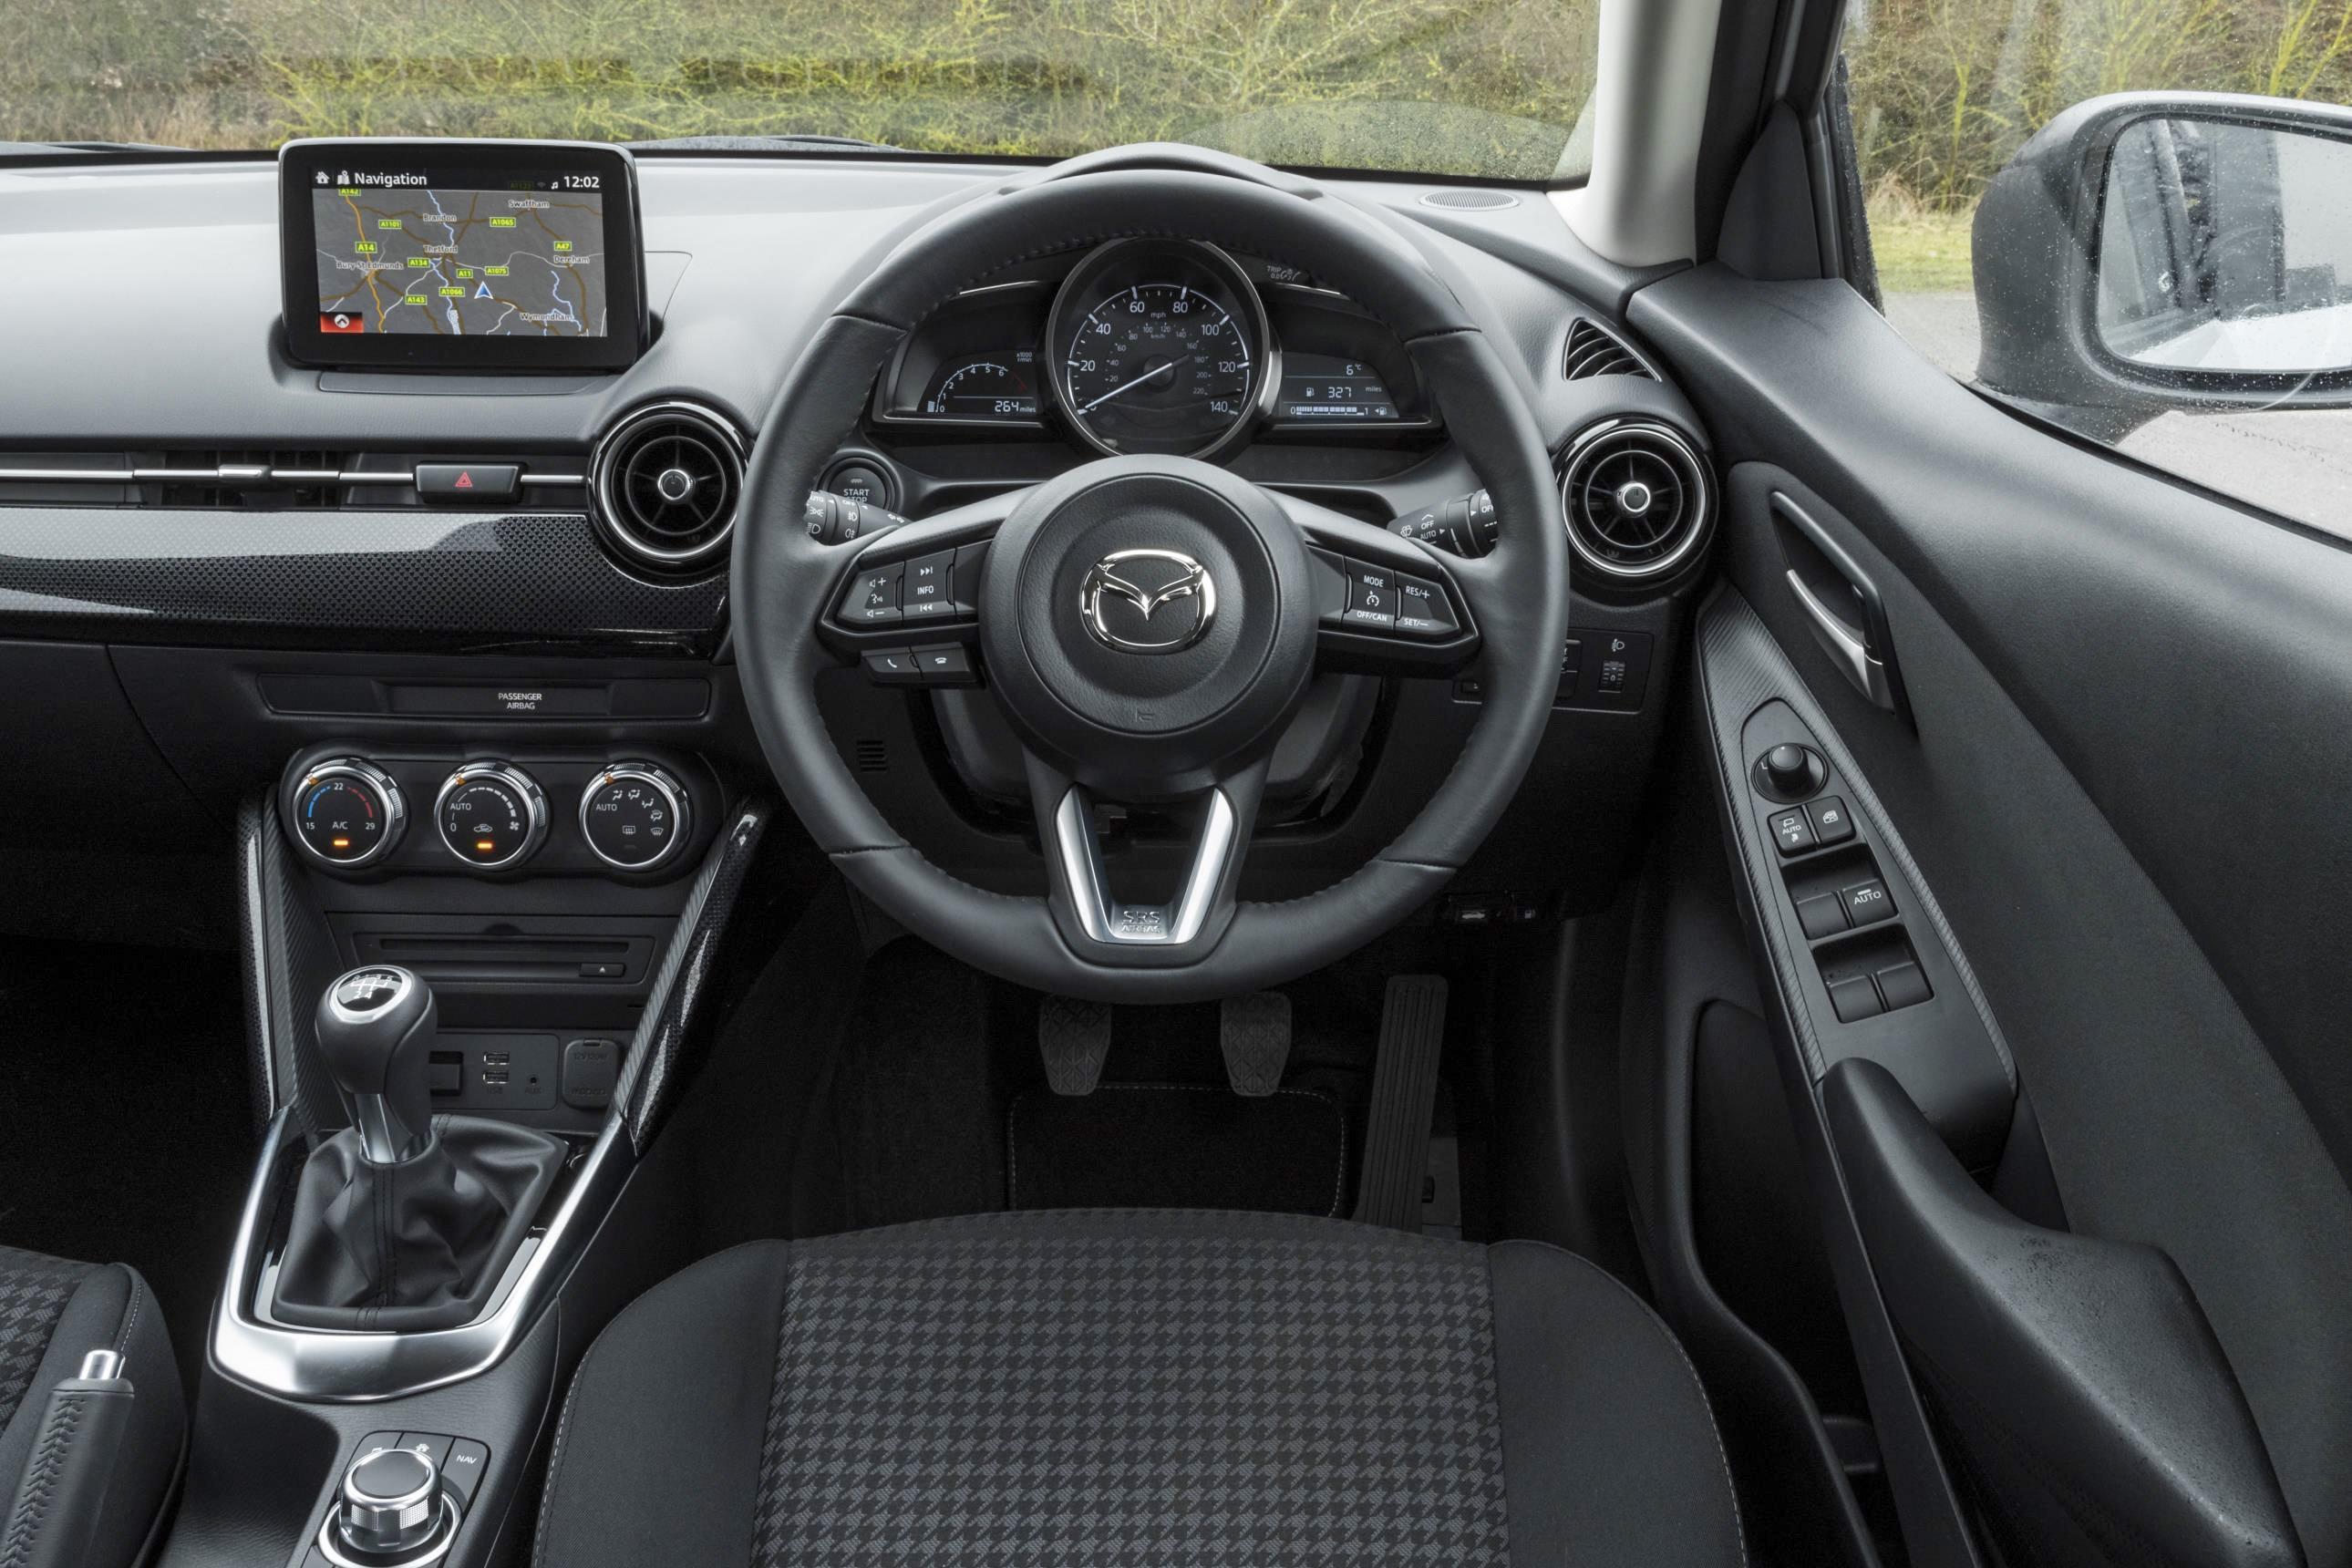 Mazda2 Dash and infotainment